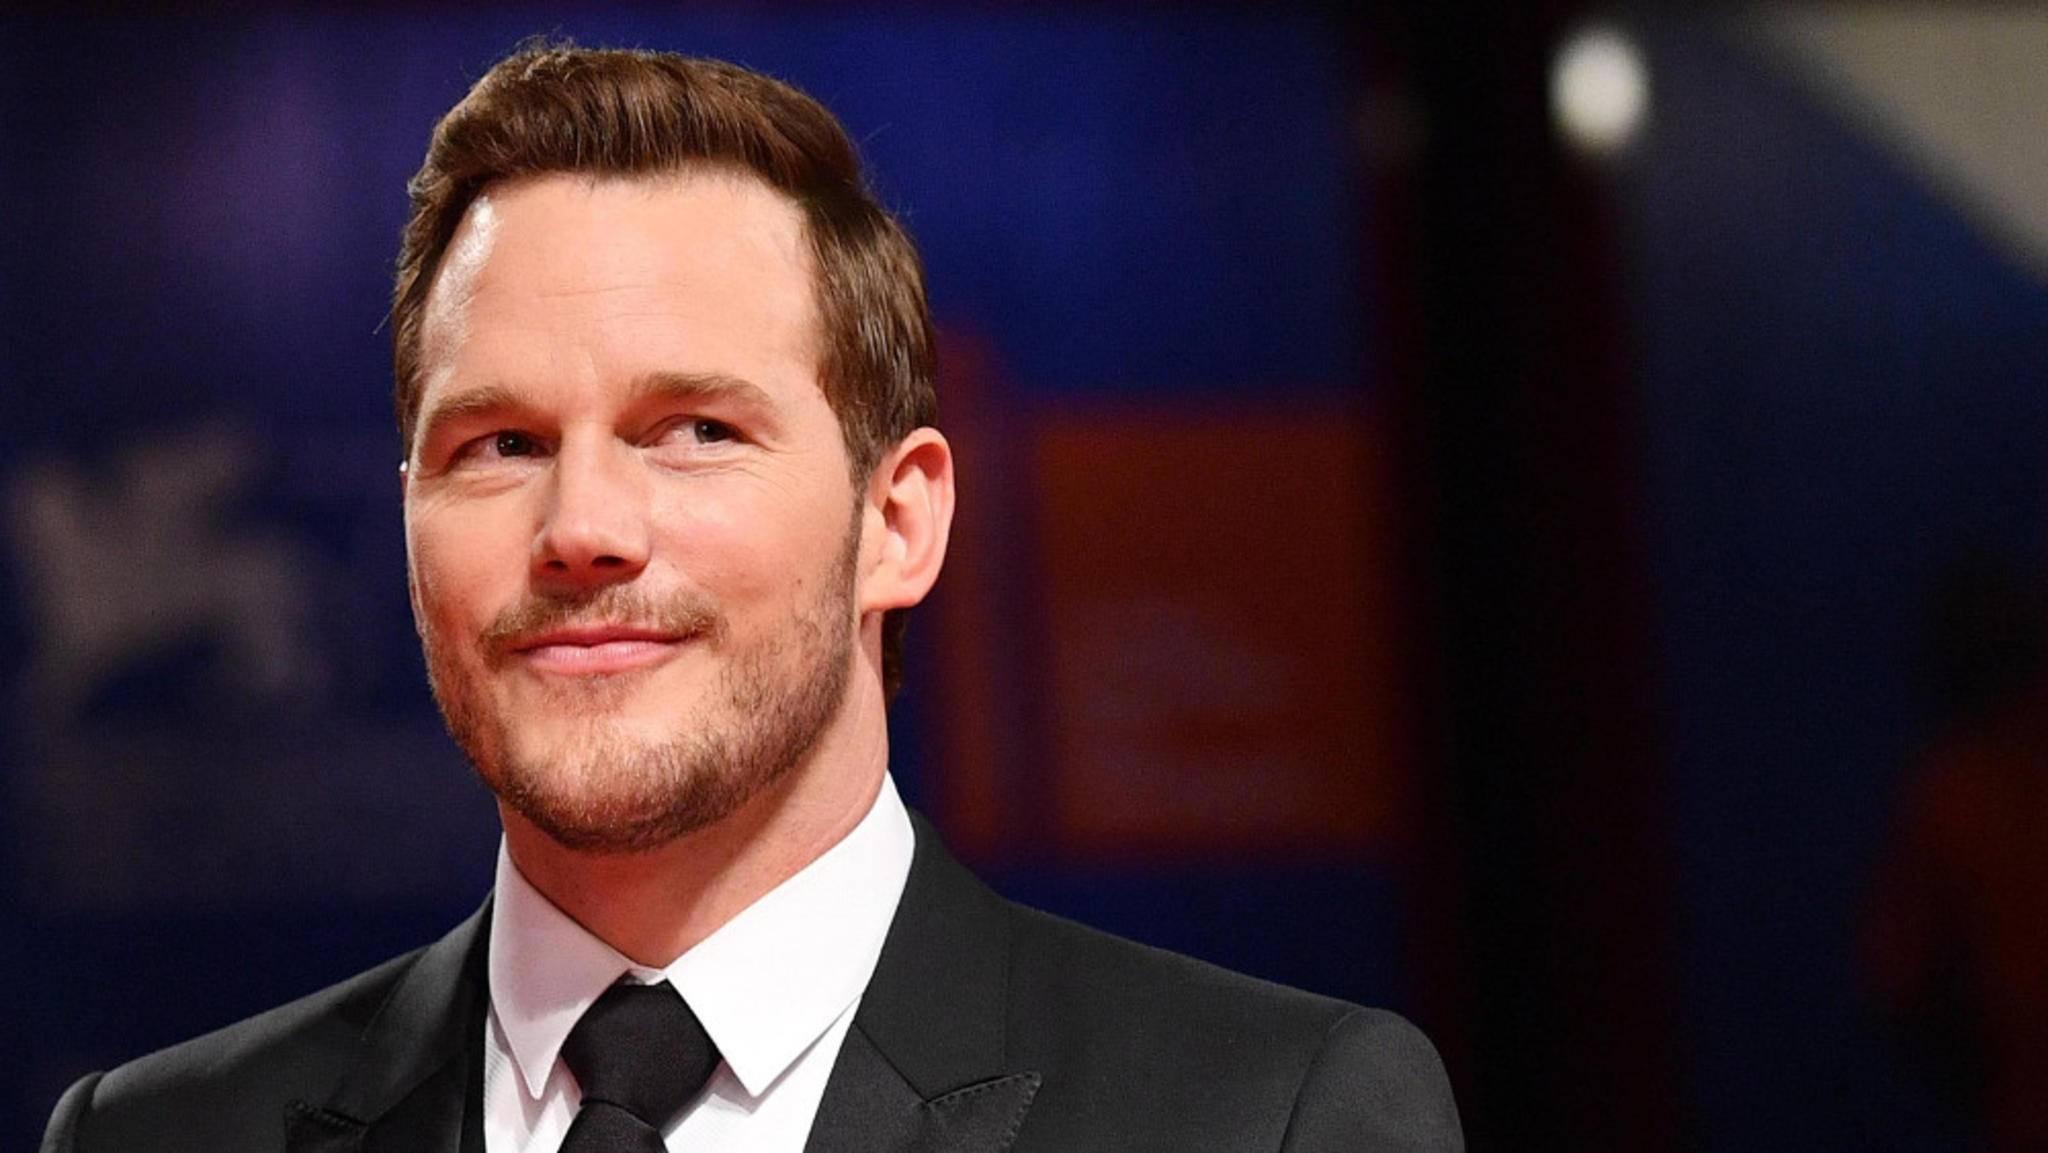 Chris Pratt macht nicht nur als Schauspieler, sondern auch als Zauberkünstler eine gute Figur.